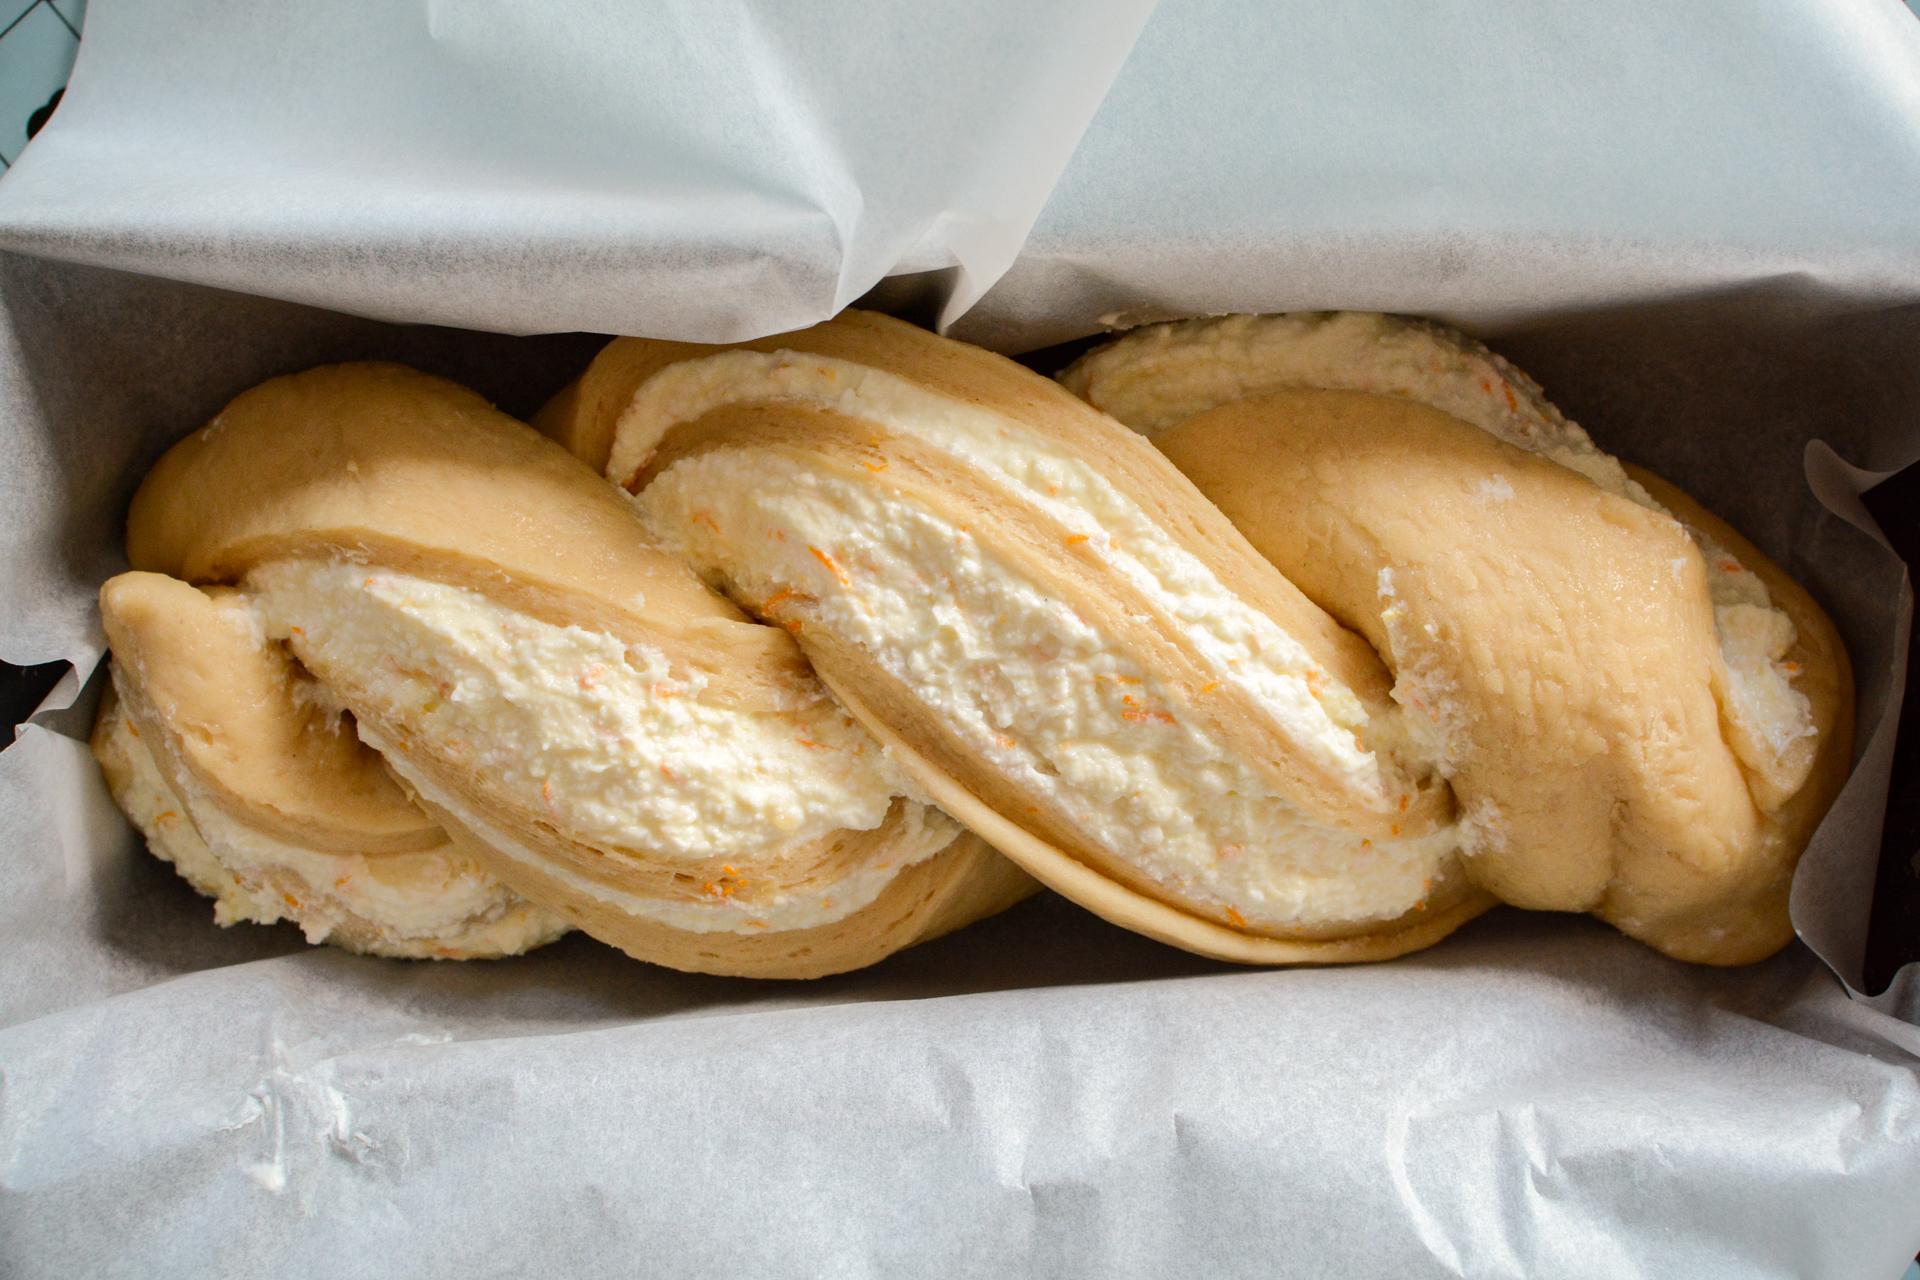 Drożdżówka z serem - strucla serowa 4